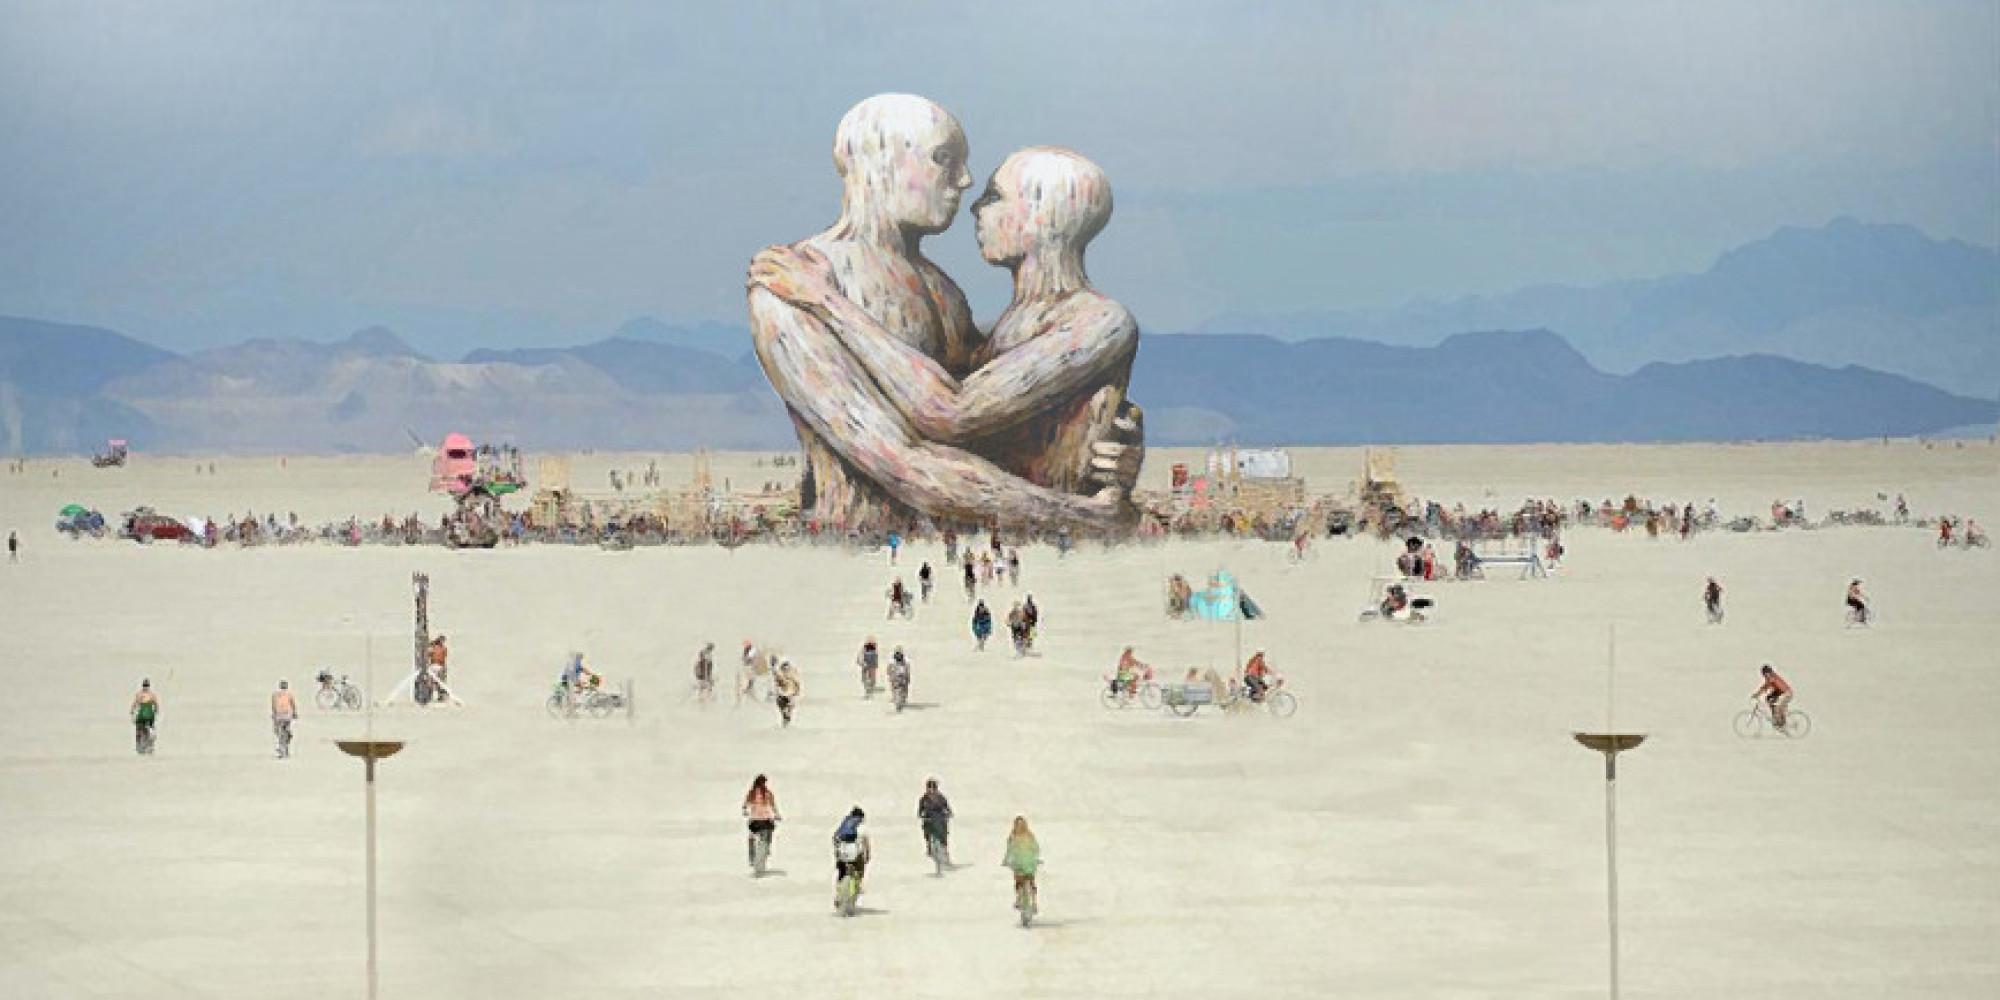 Burning Man Art Festival 63